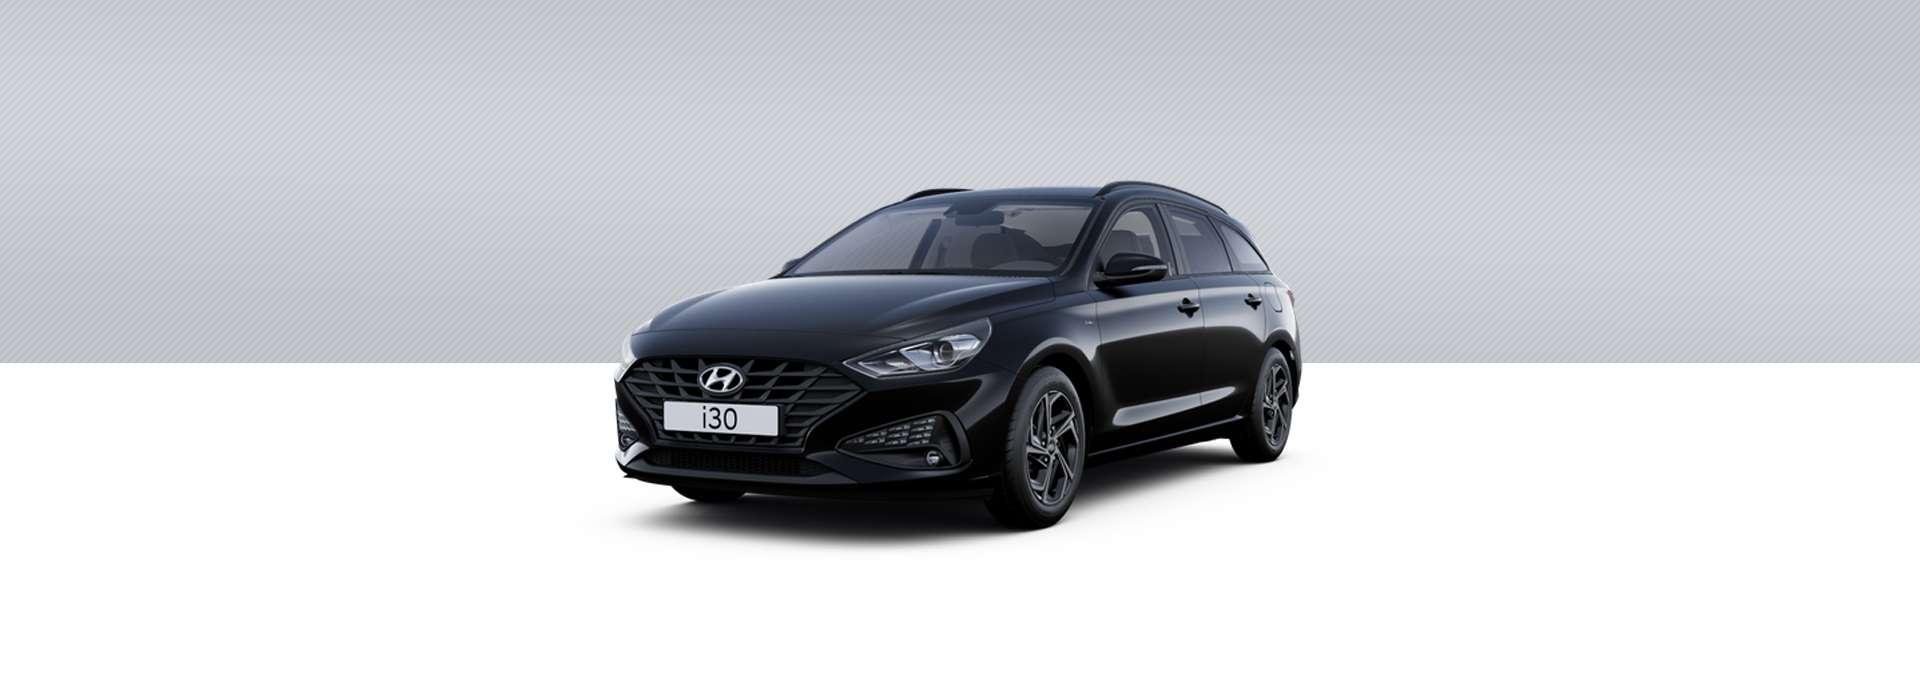 Hyundai Nuevo i30 CW Híbrido 48V